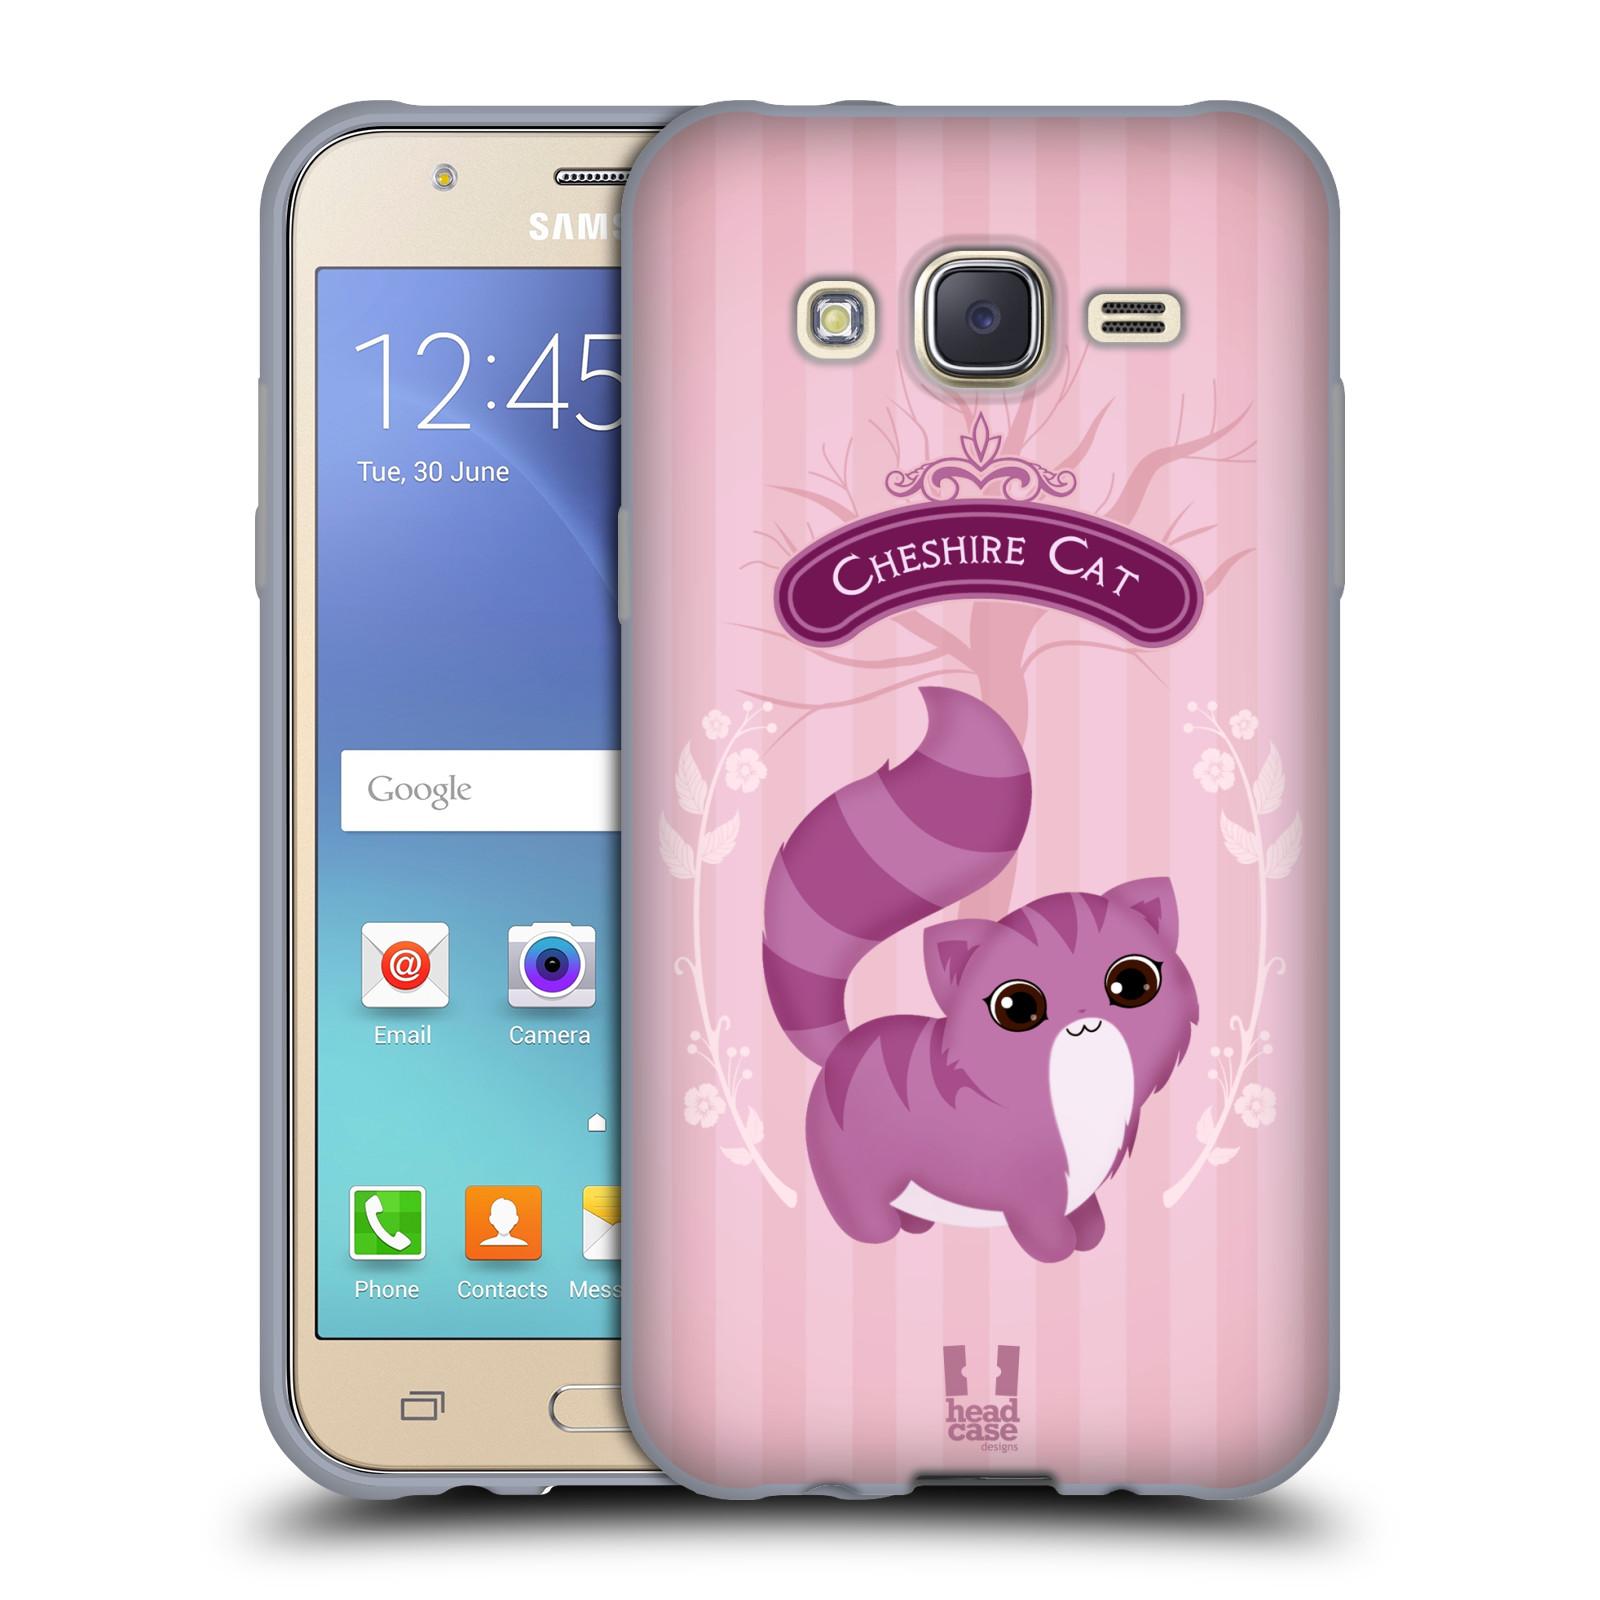 HEAD CASE silikonový obal na mobil Samsung Galaxy J5, J500, (J5 DUOS) vzor Alenka v říši divů kočička